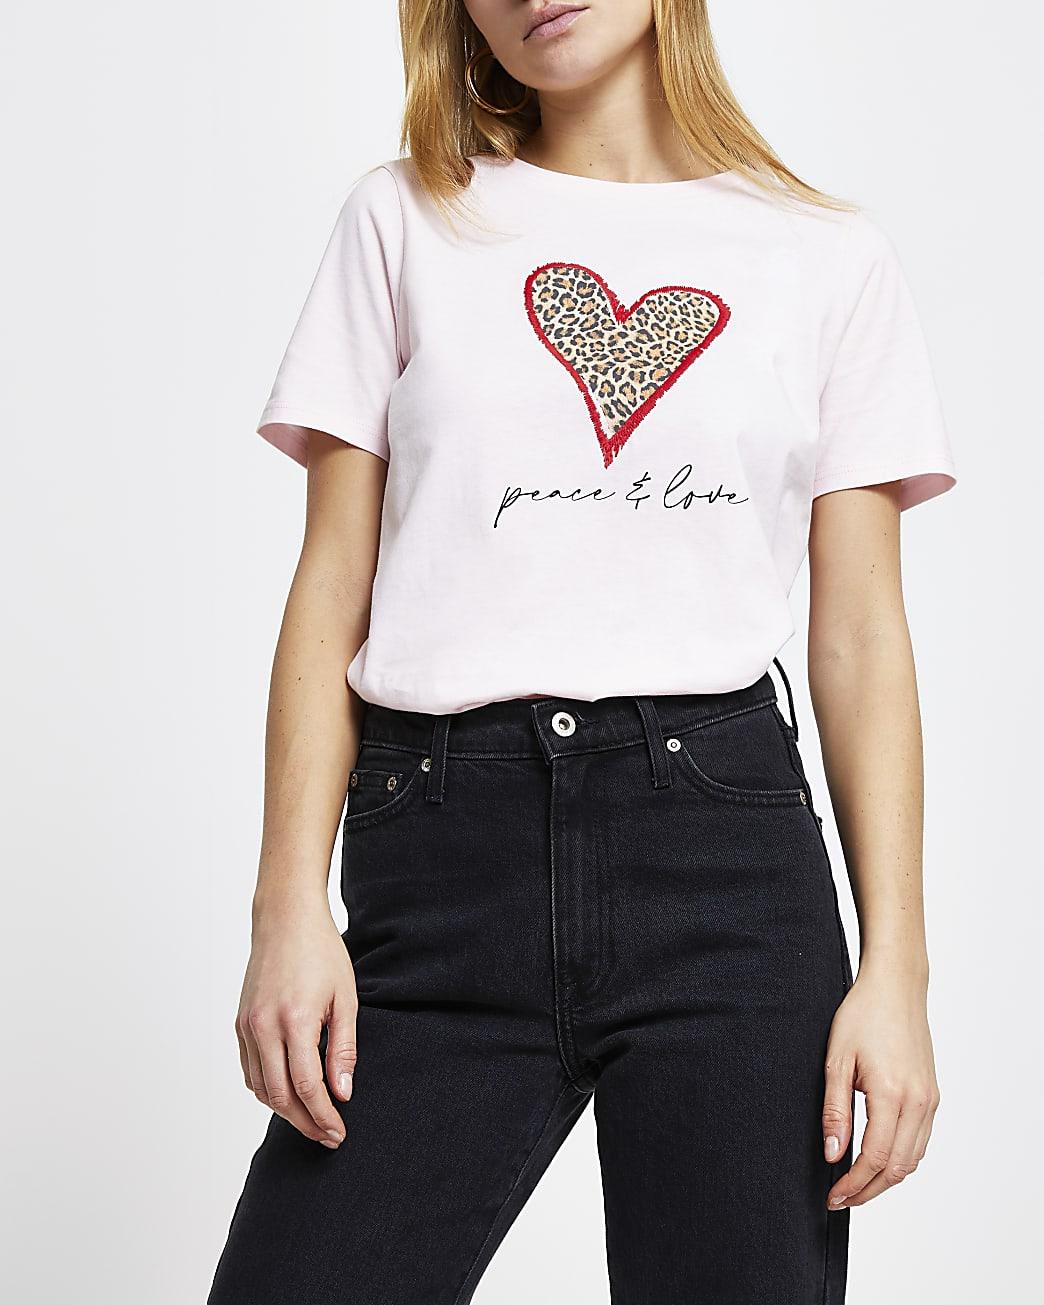 Pink leopard heart 'Peace & Love' t-shirt